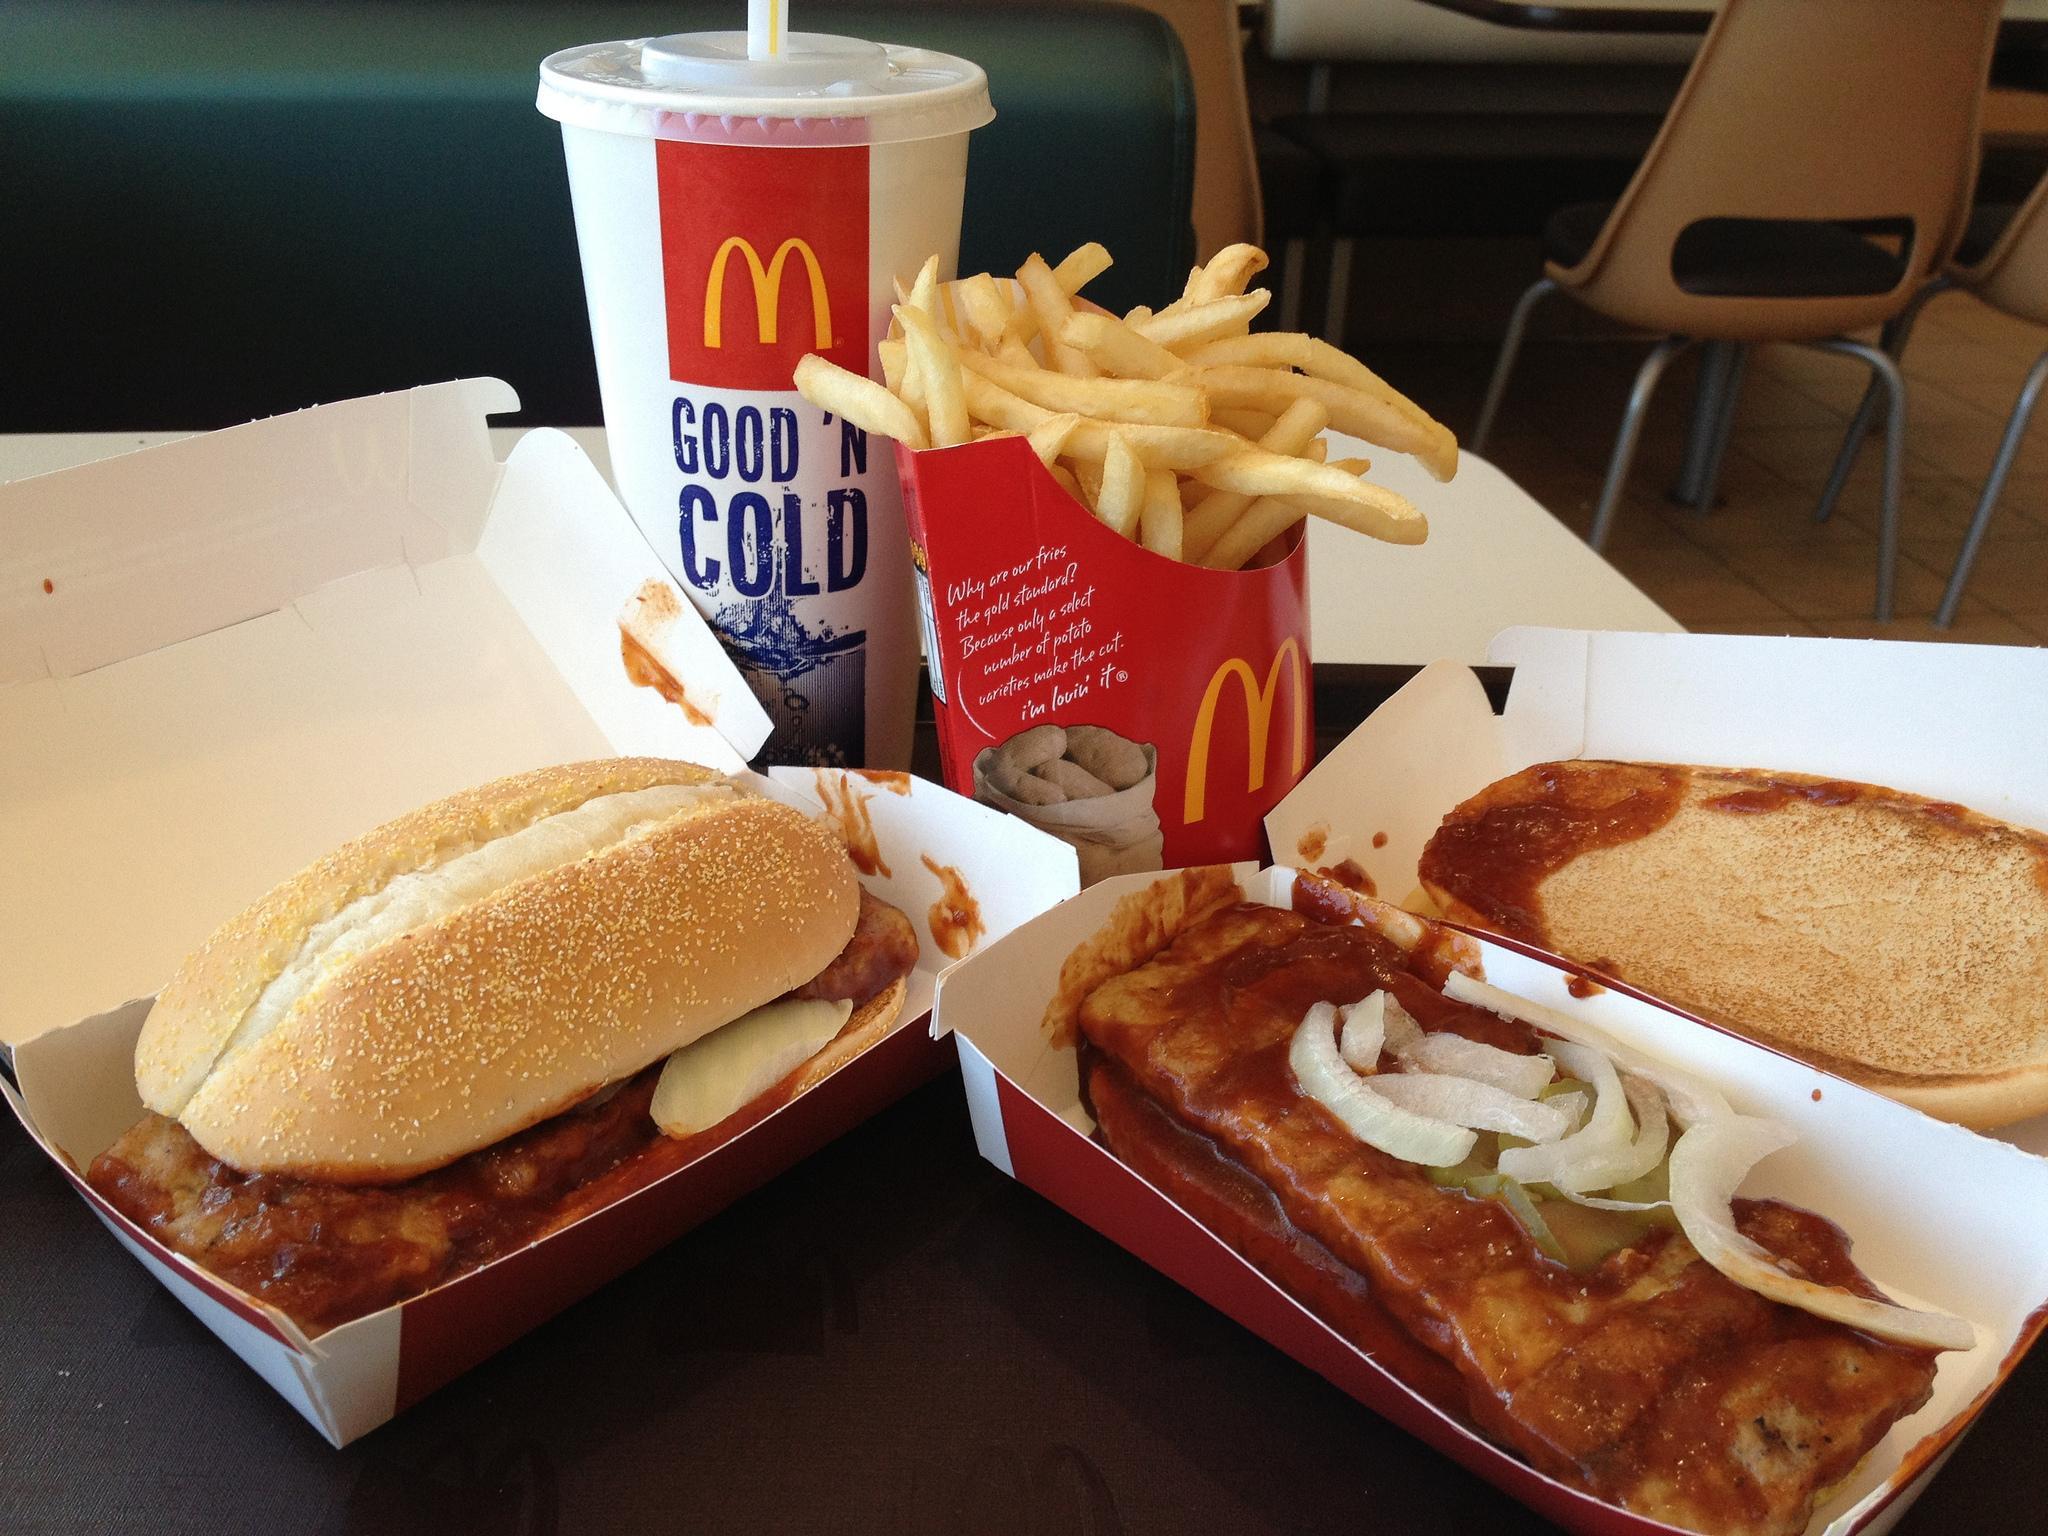 4) McDonald's